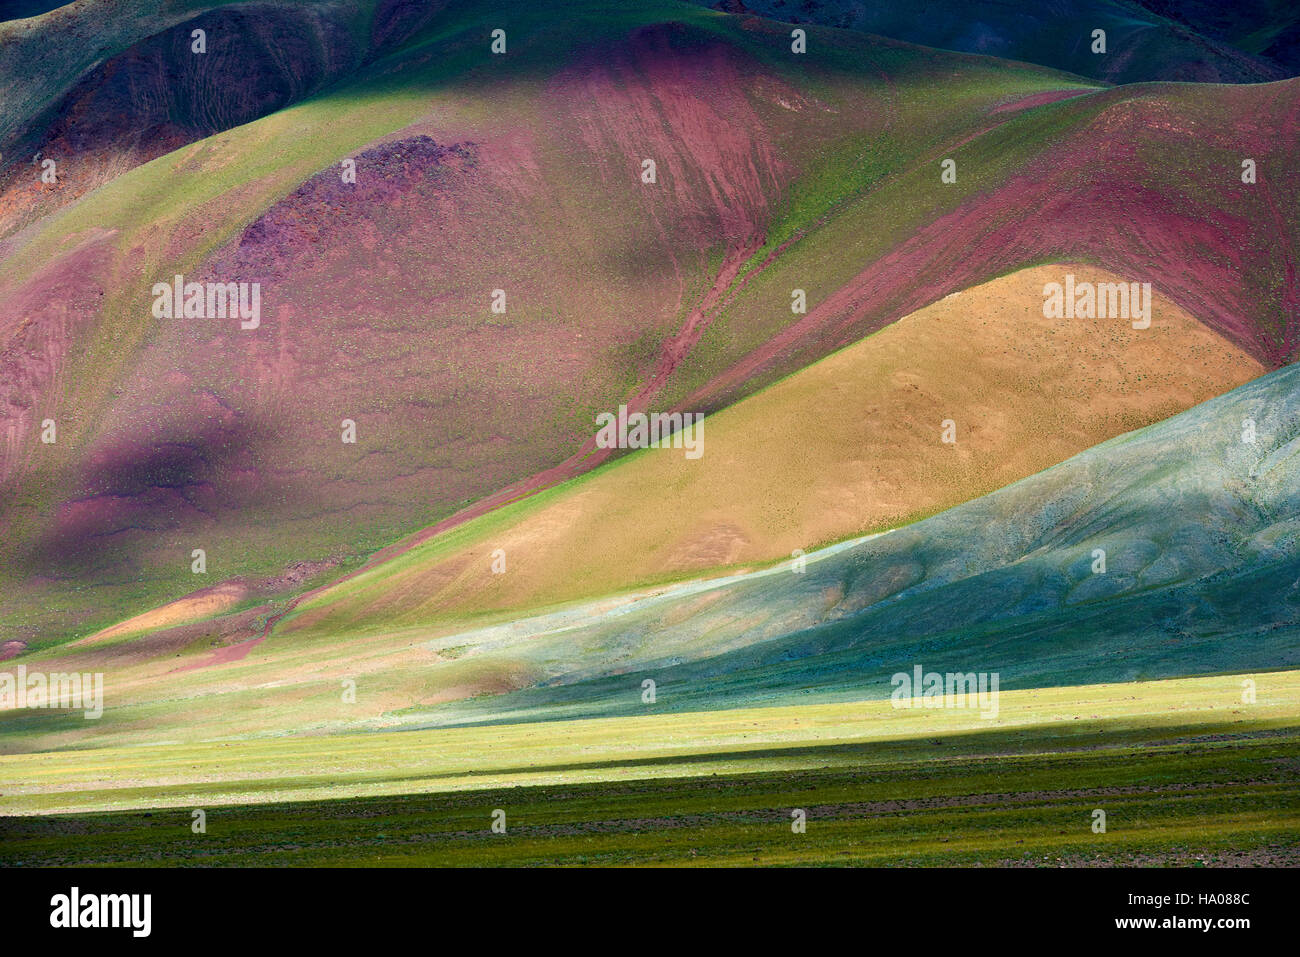 Mongolia, Bayan-Ulgii provincia, Mongolia occidentale, le montagne colorate del degli Altai Immagini Stock